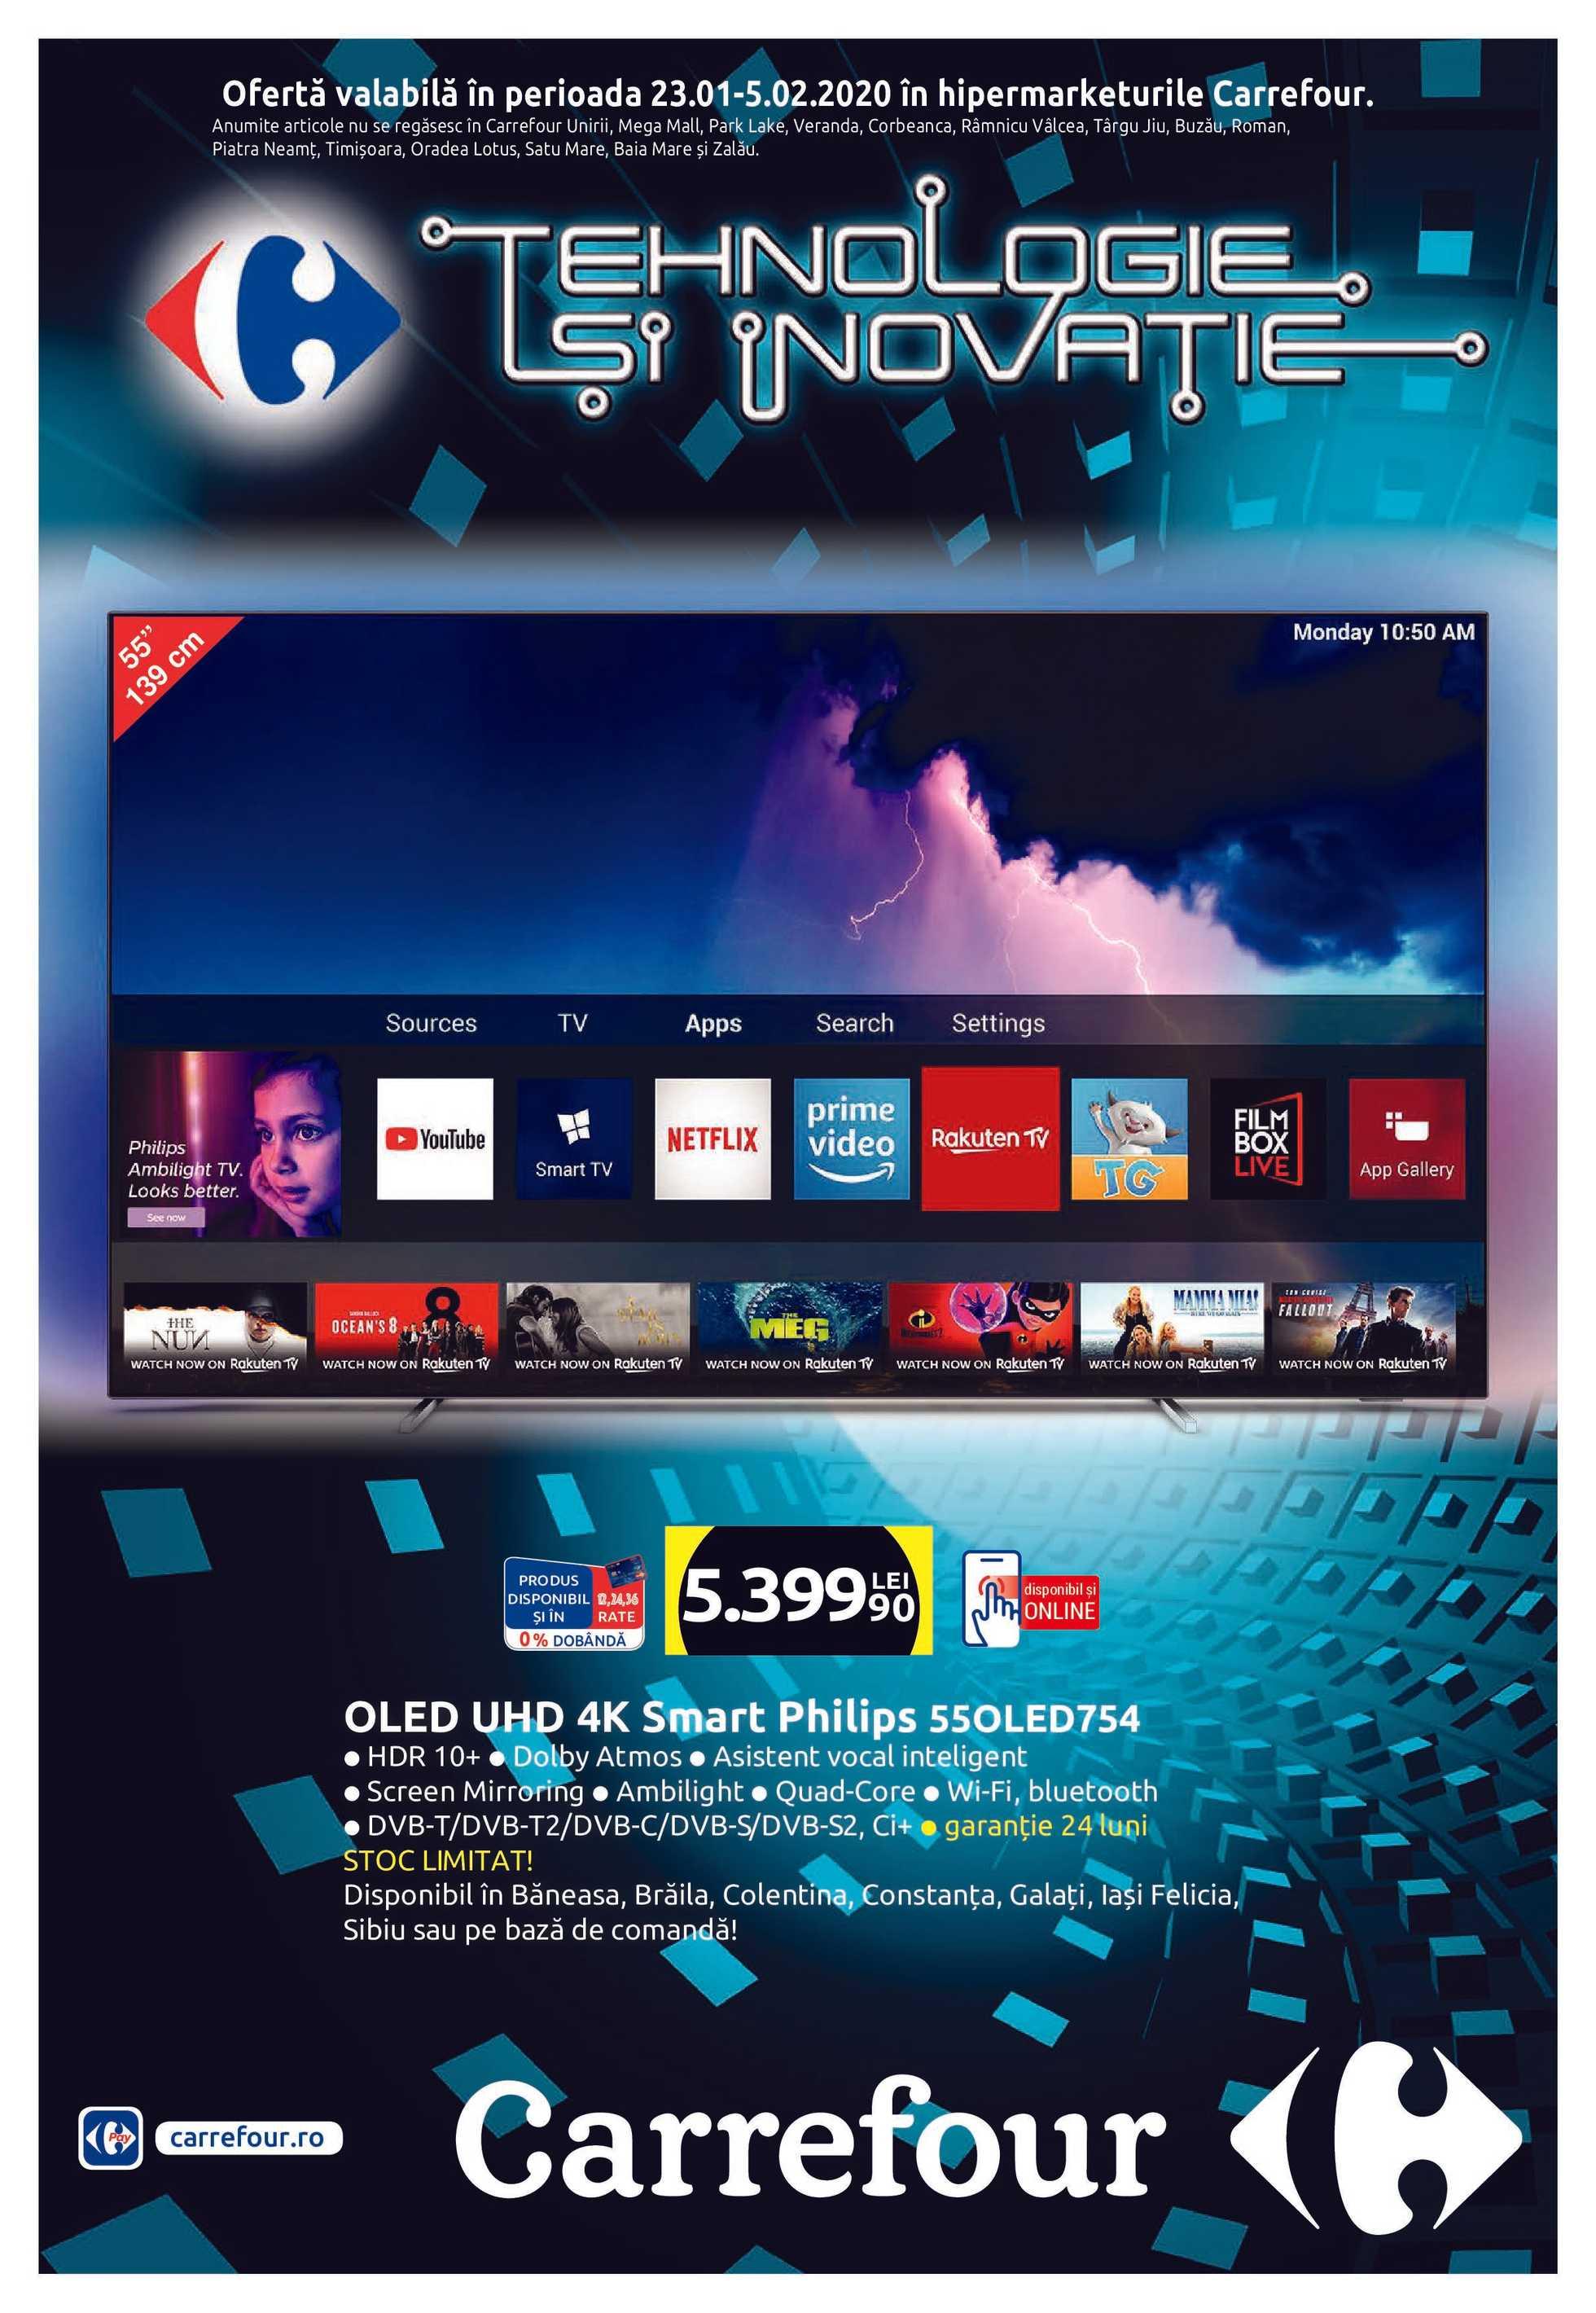 Carrefour - promo începând de la 23.01.2020 până la 05.02.2020 - pagină 1.